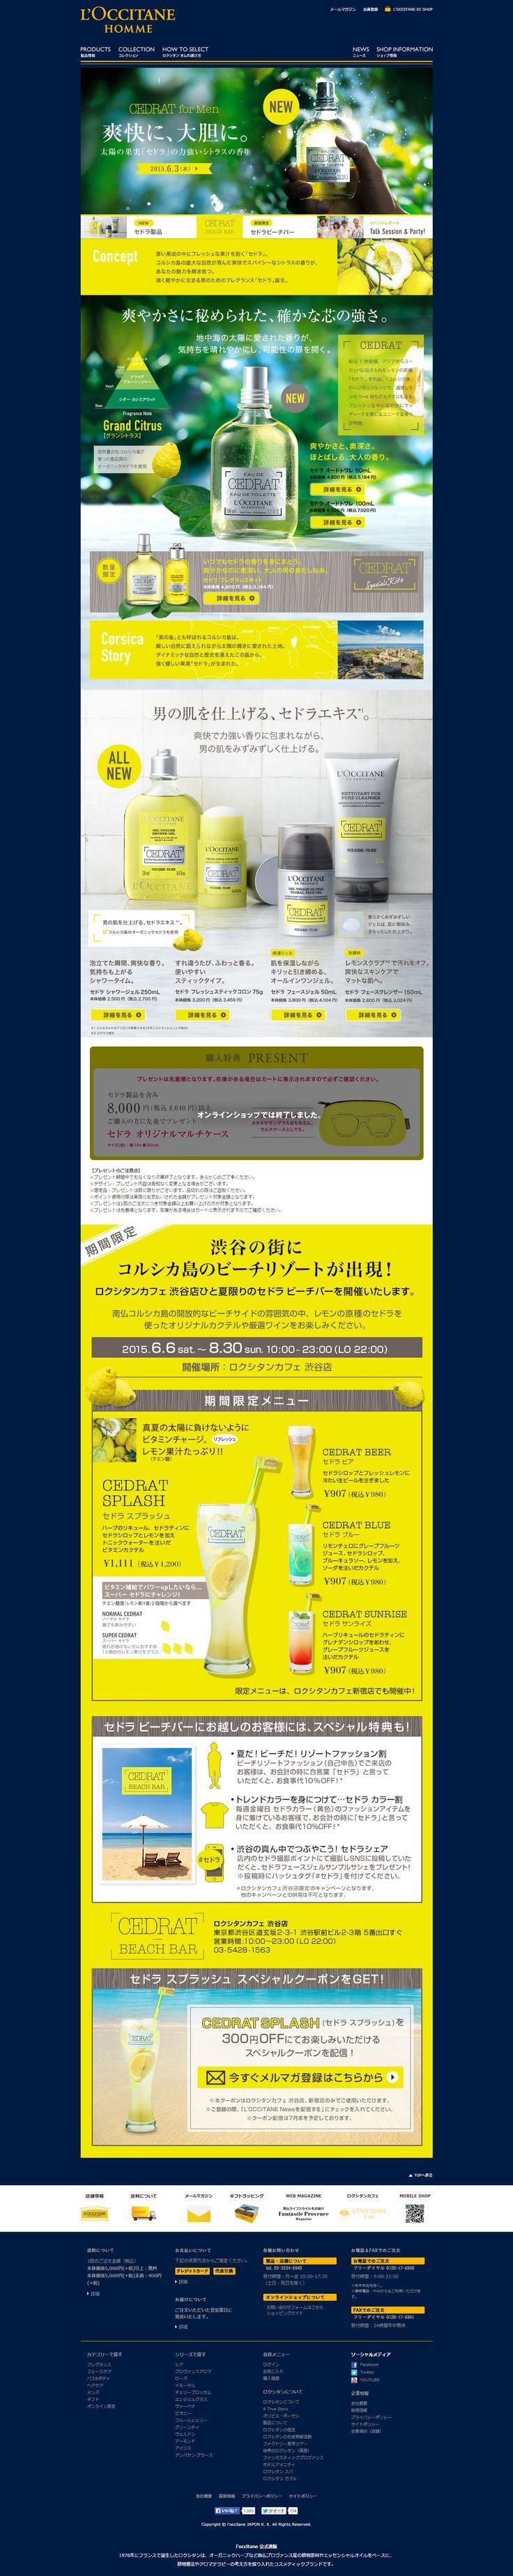 http://www.loccitane.co.jp/homme/20150603_cedrat/